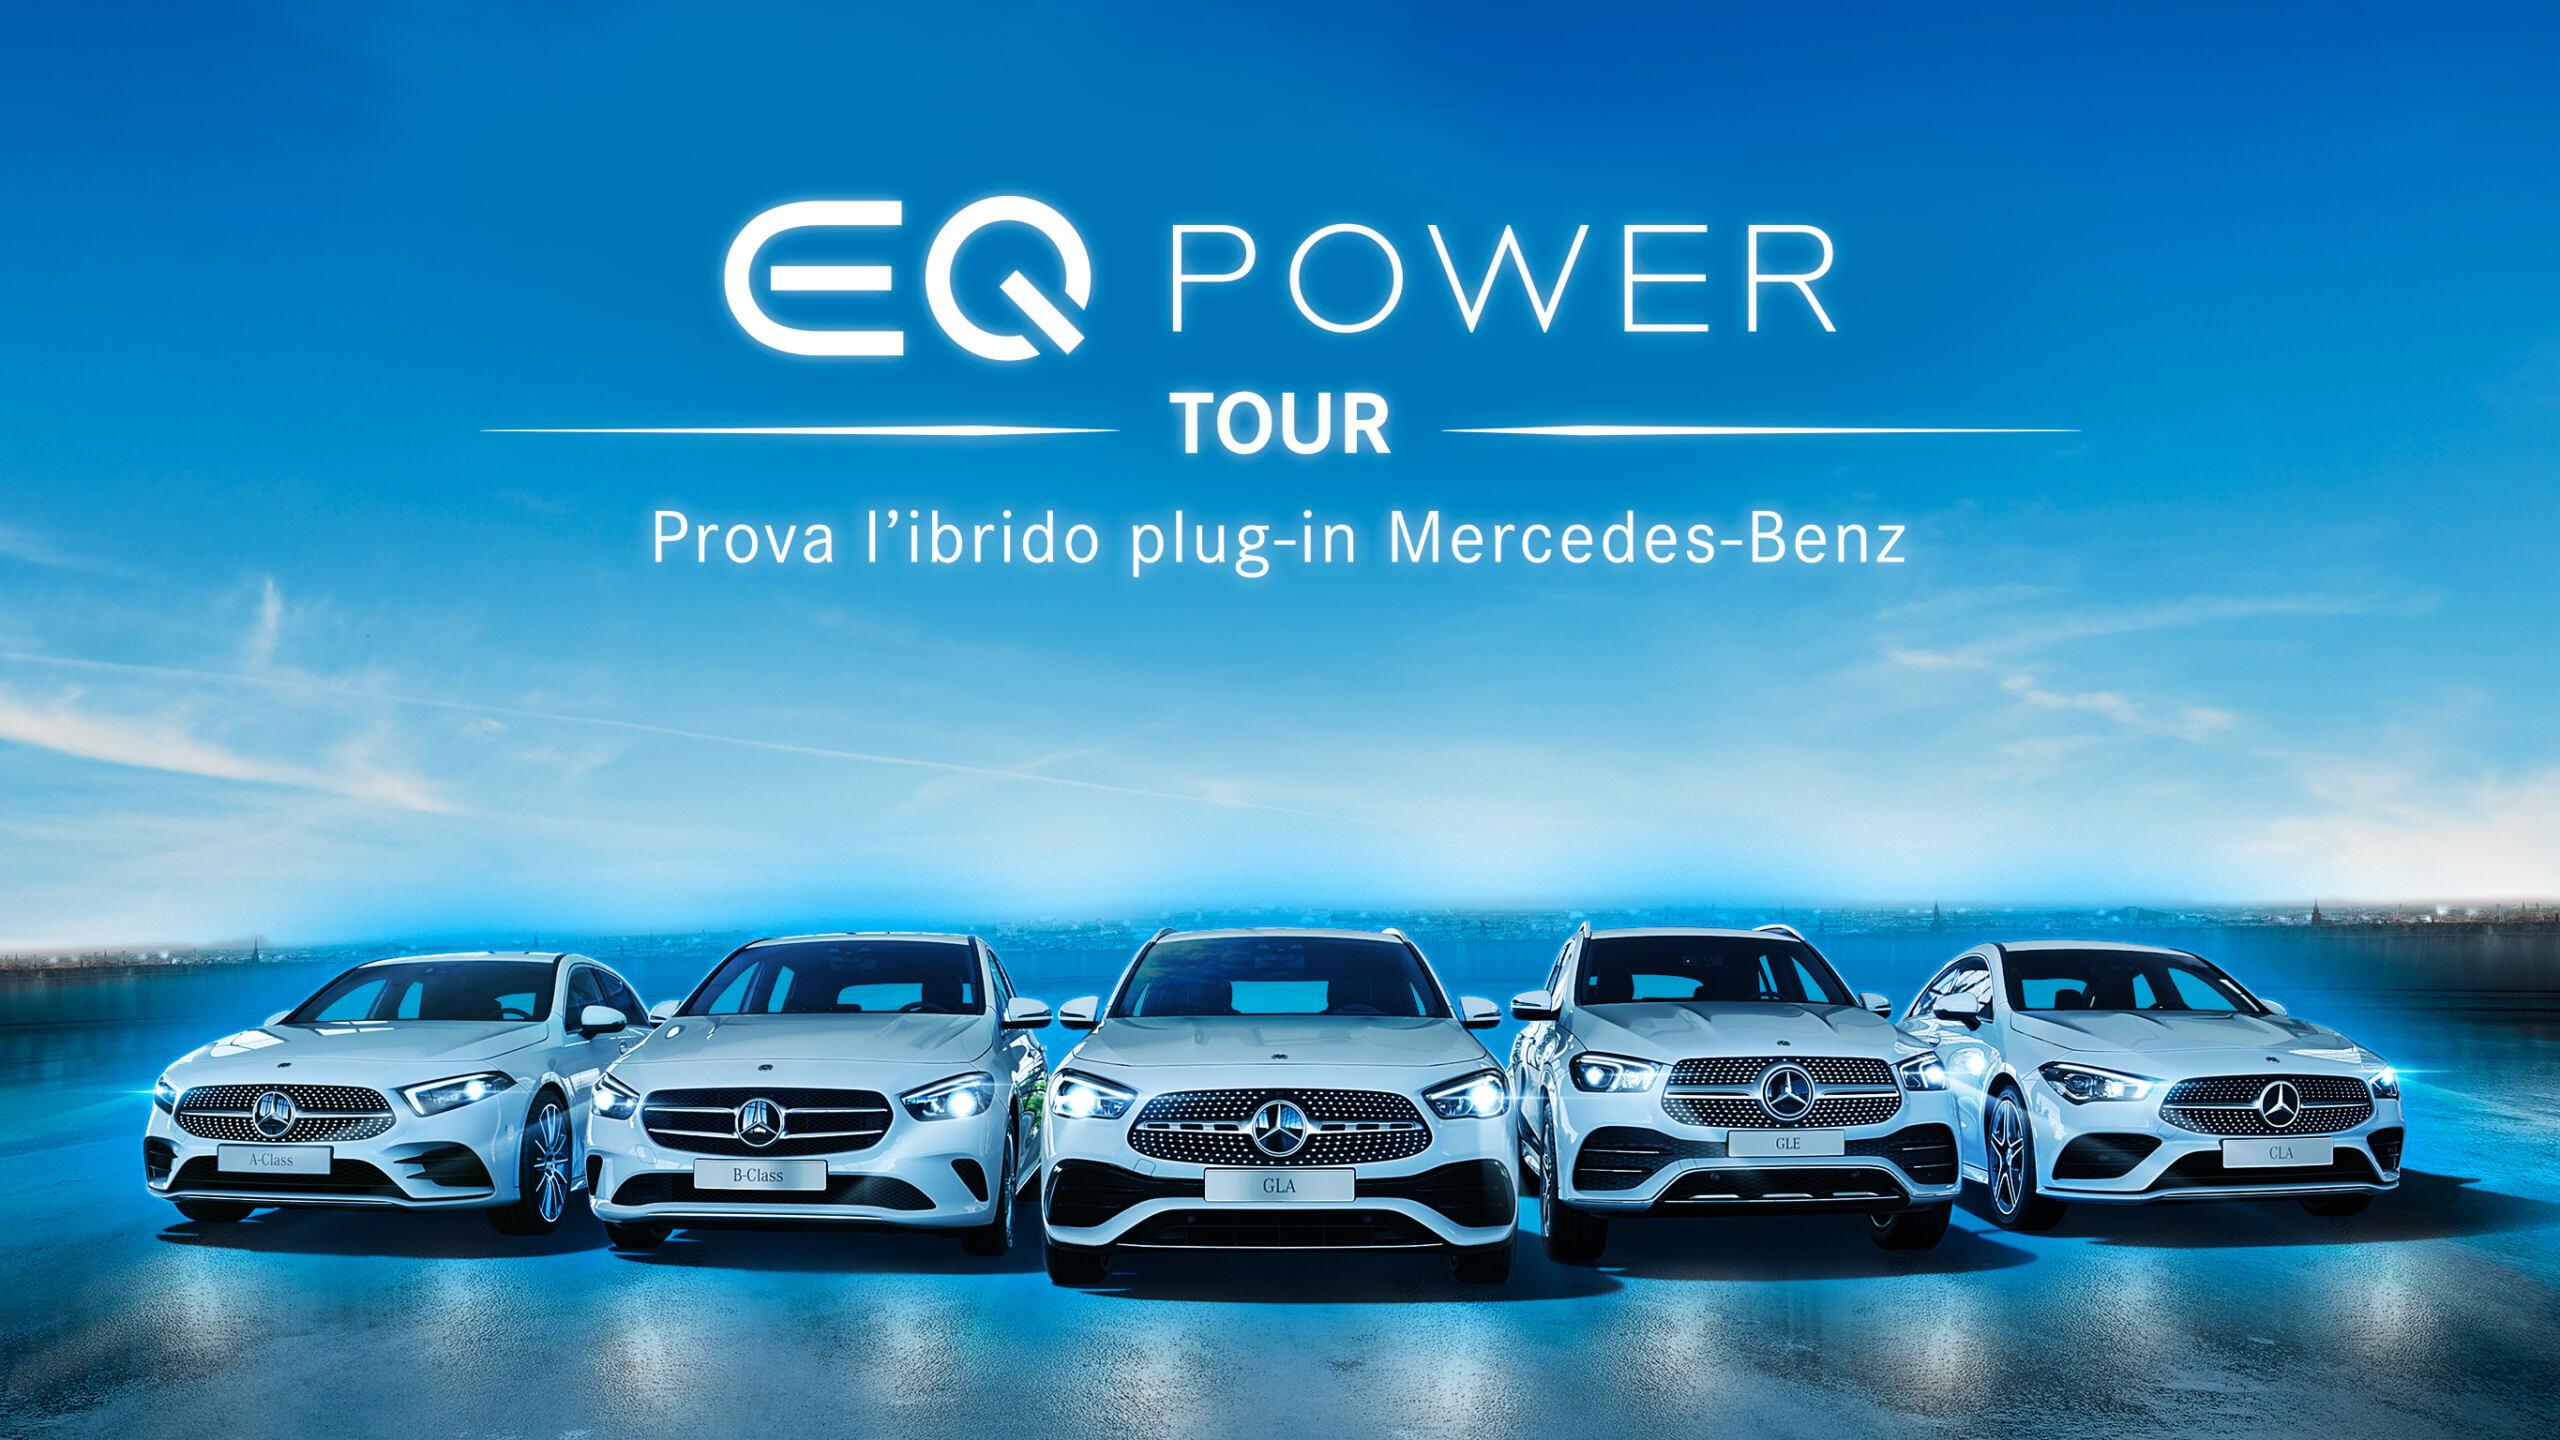 2020-10-02-eqpowertour-sito